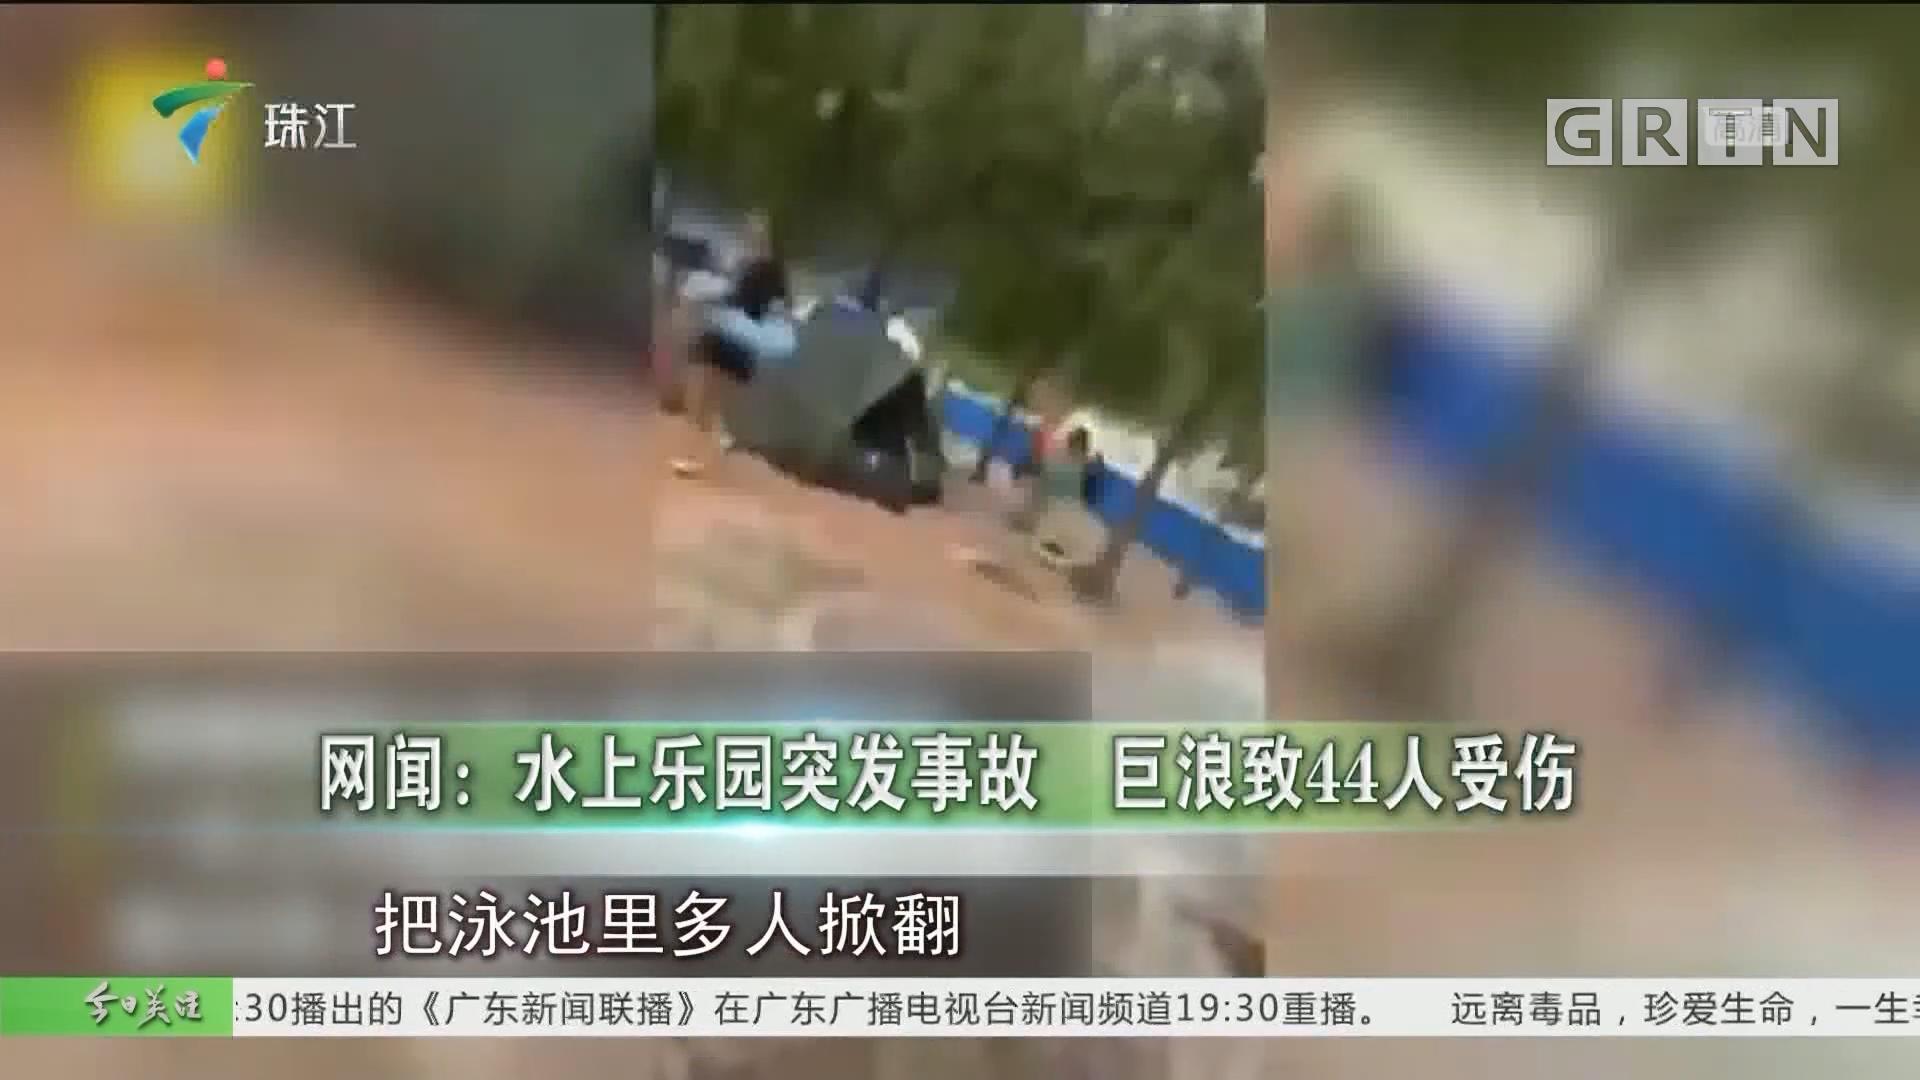 网闻:水上乐园突发事故 巨浪致44人受伤